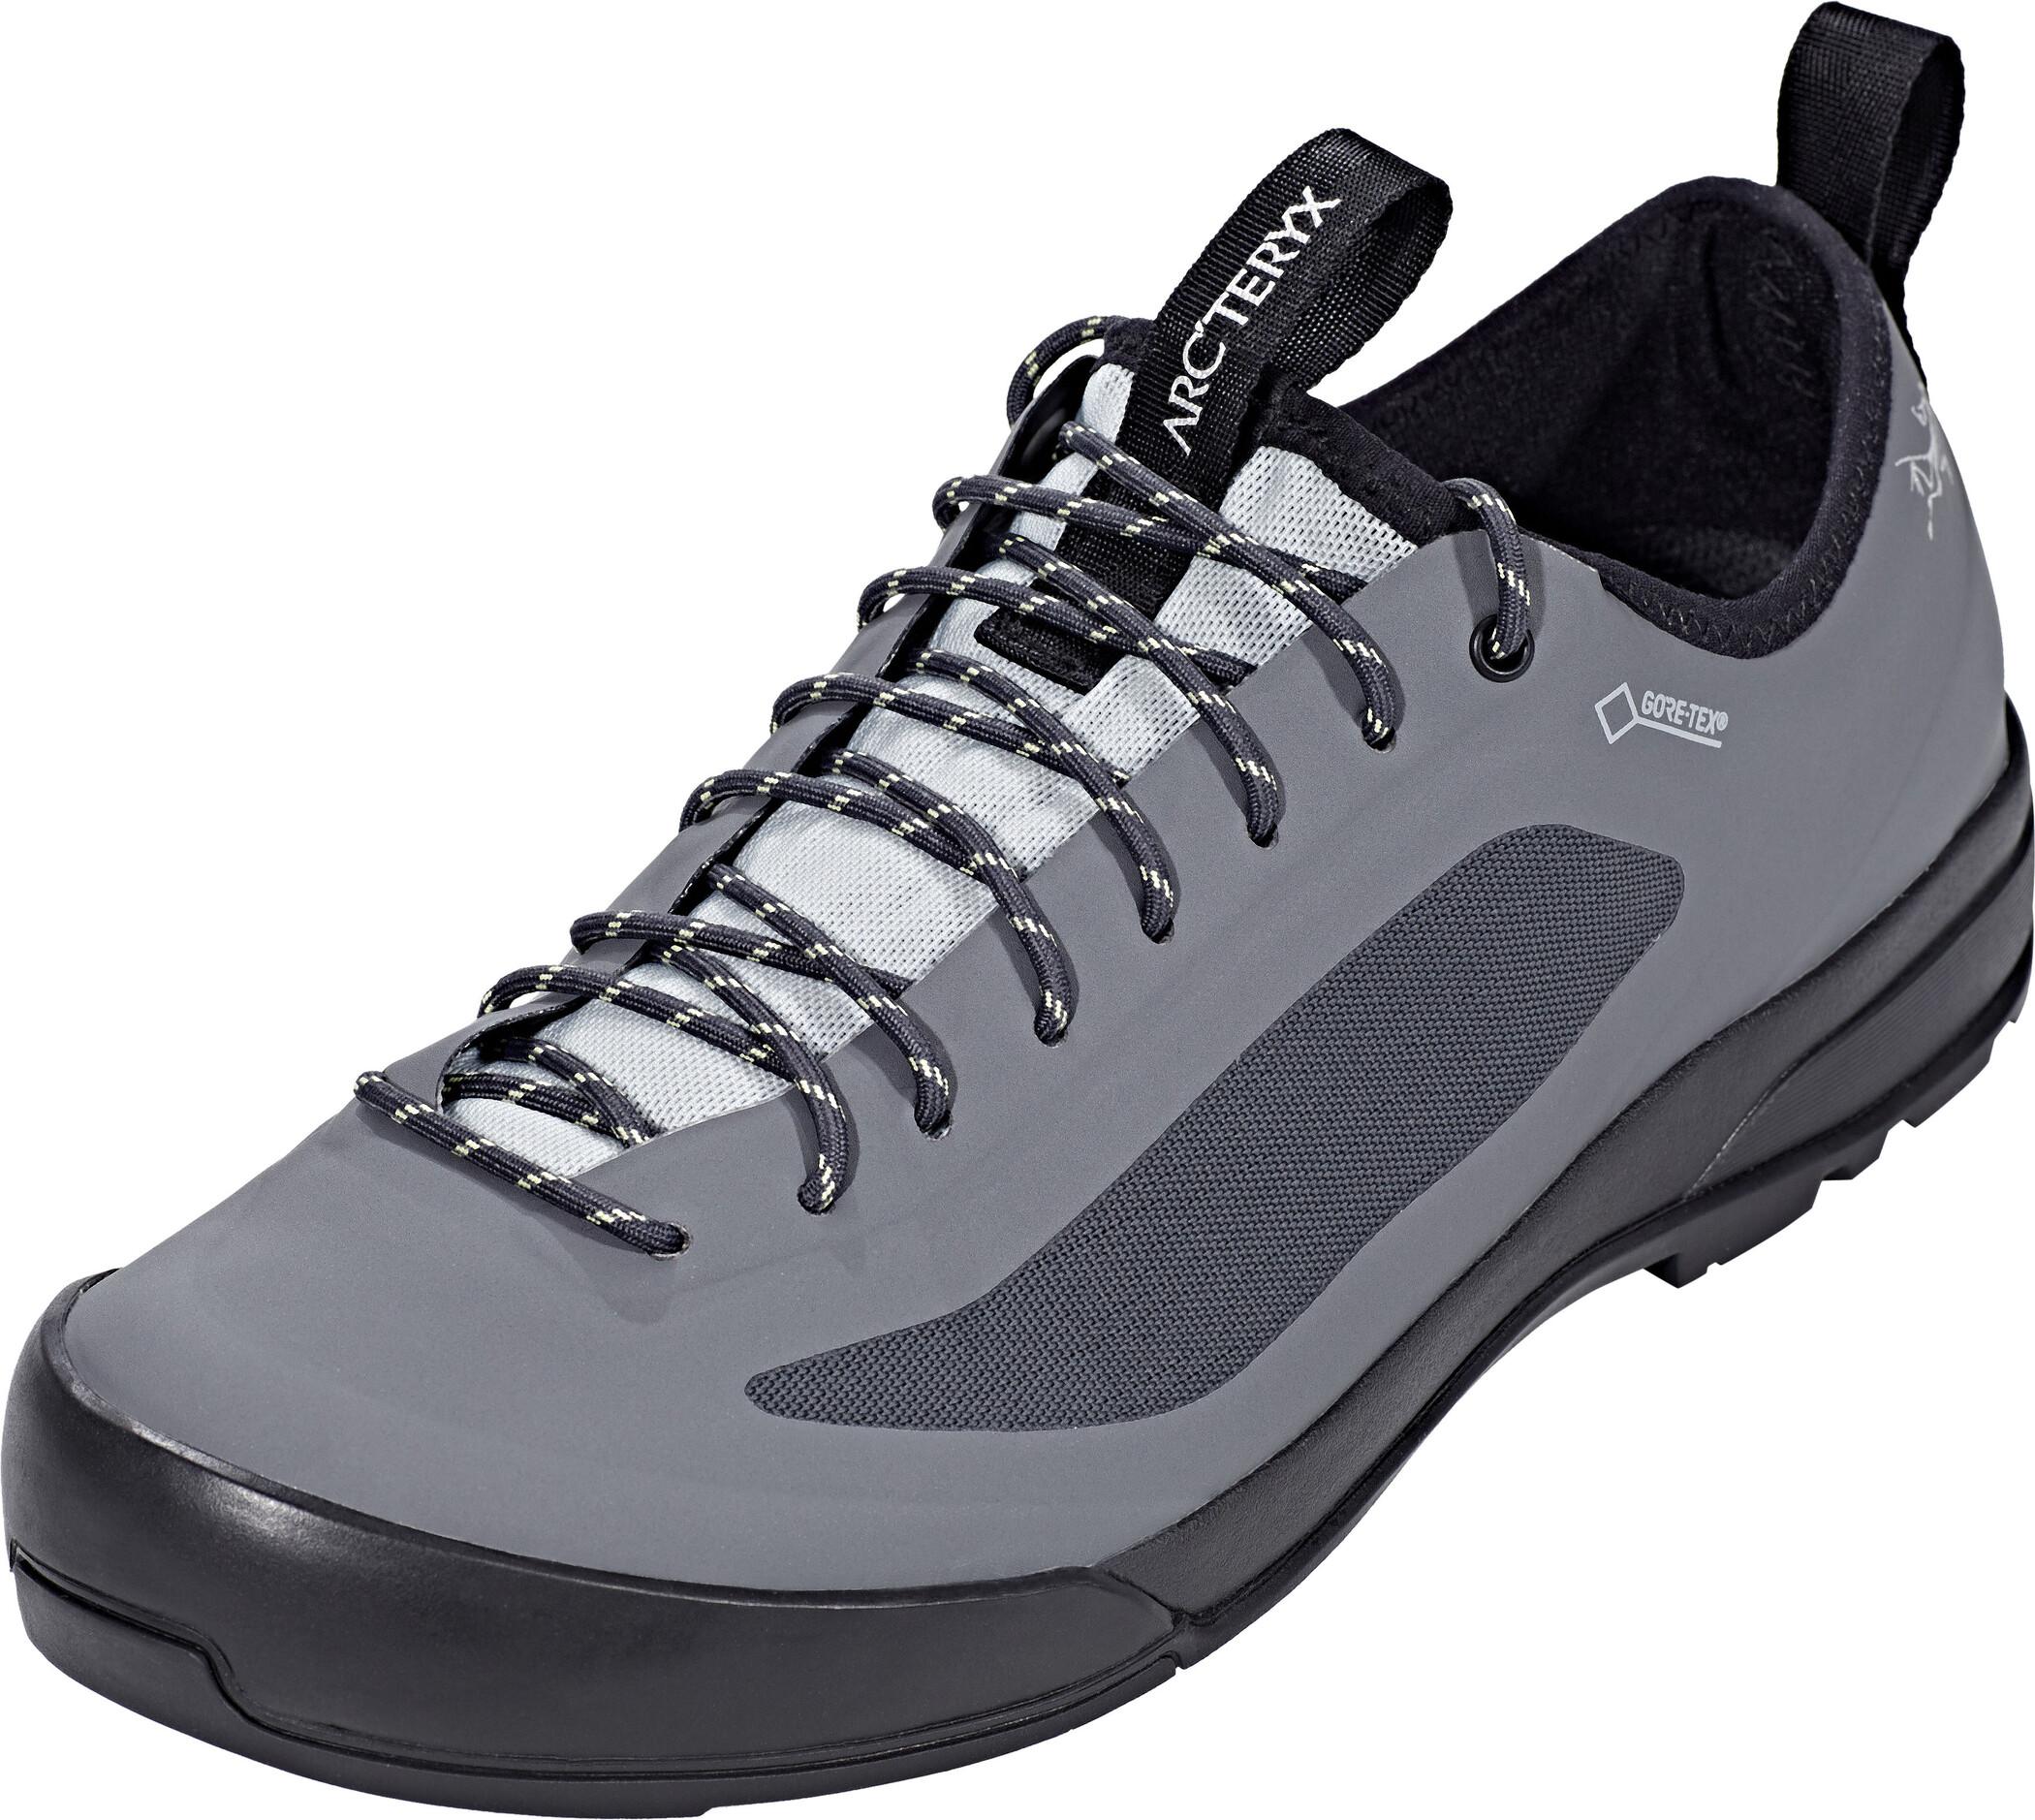 Arcteryx Damen Konseal FL Schuhe Multifunktionsschuhe Trekkingschuhe NEU